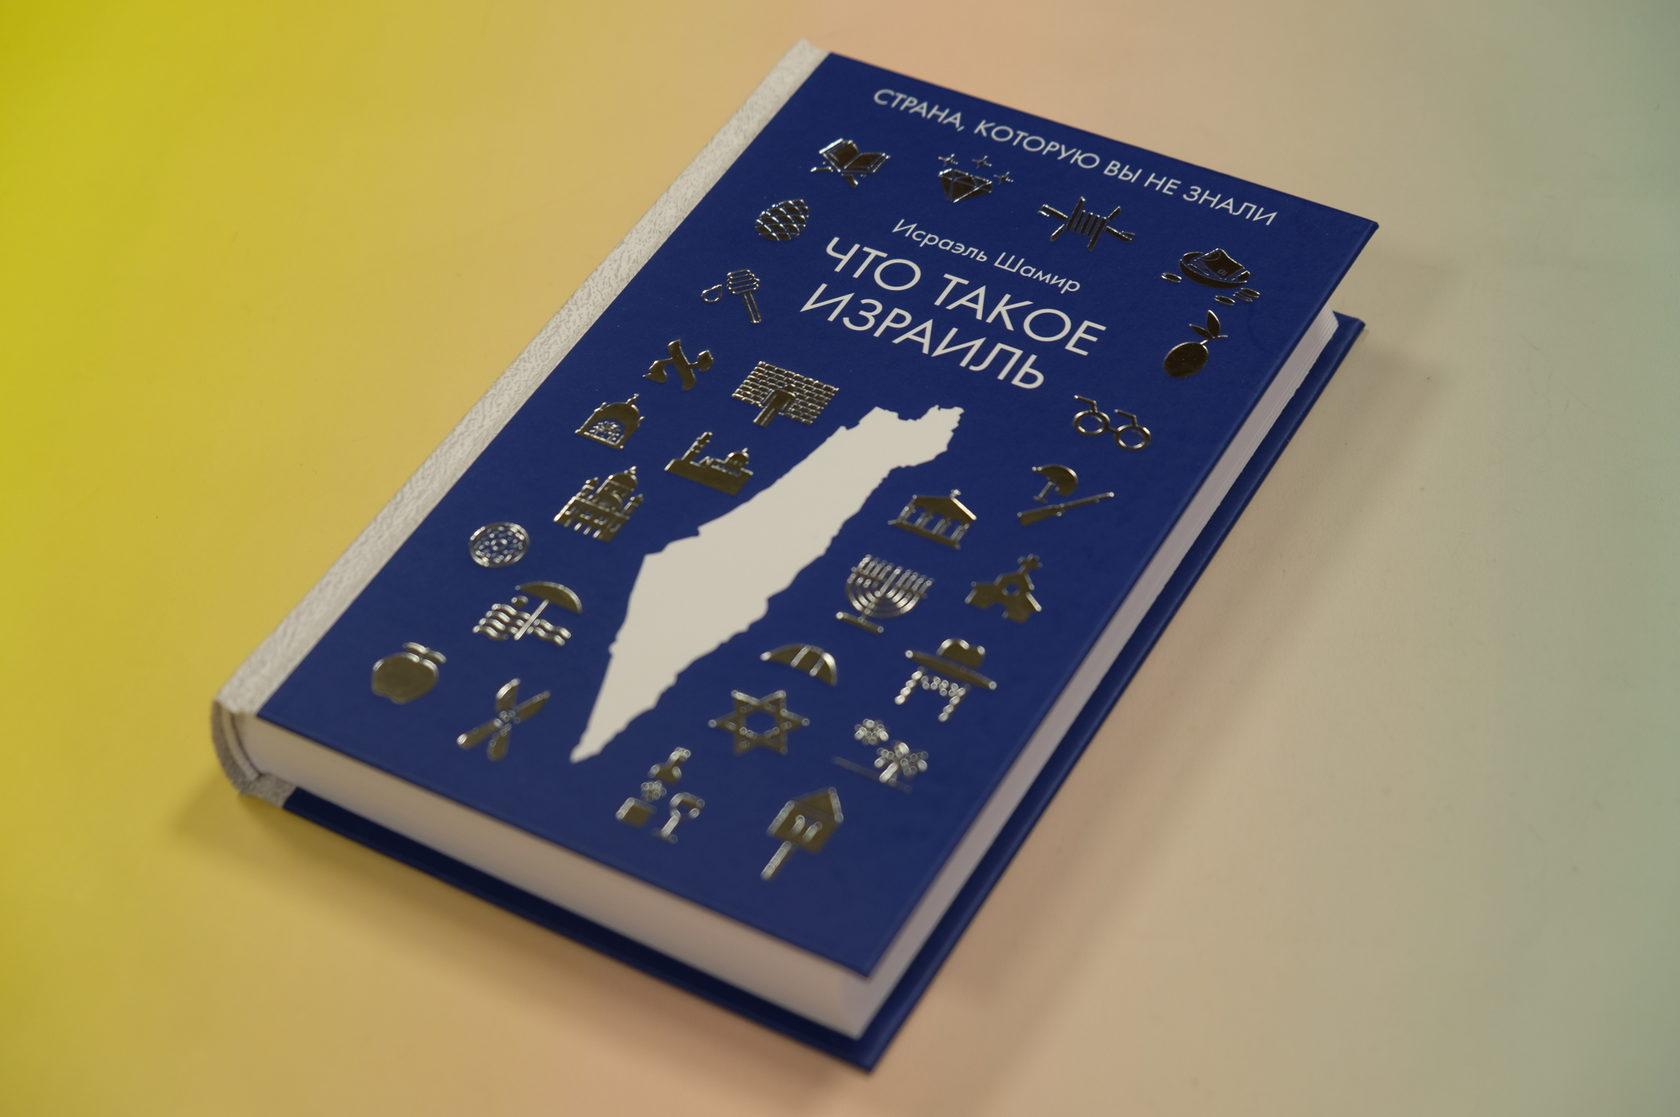 Купить книгу Исраэль Шамир «Что такое Израиль» 978-5-386-12464-9